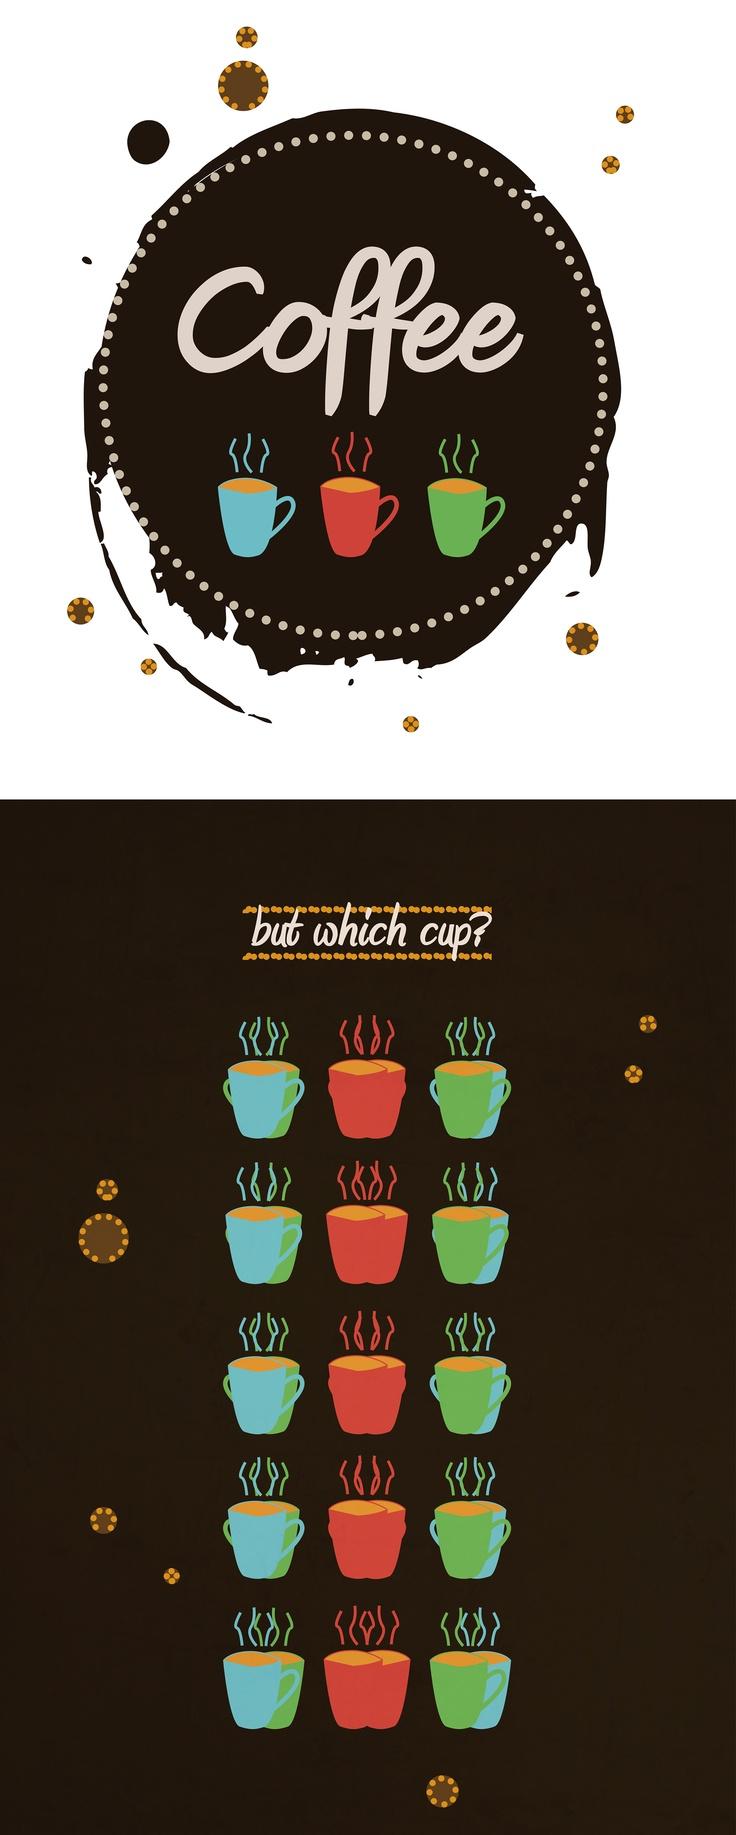 +coffee